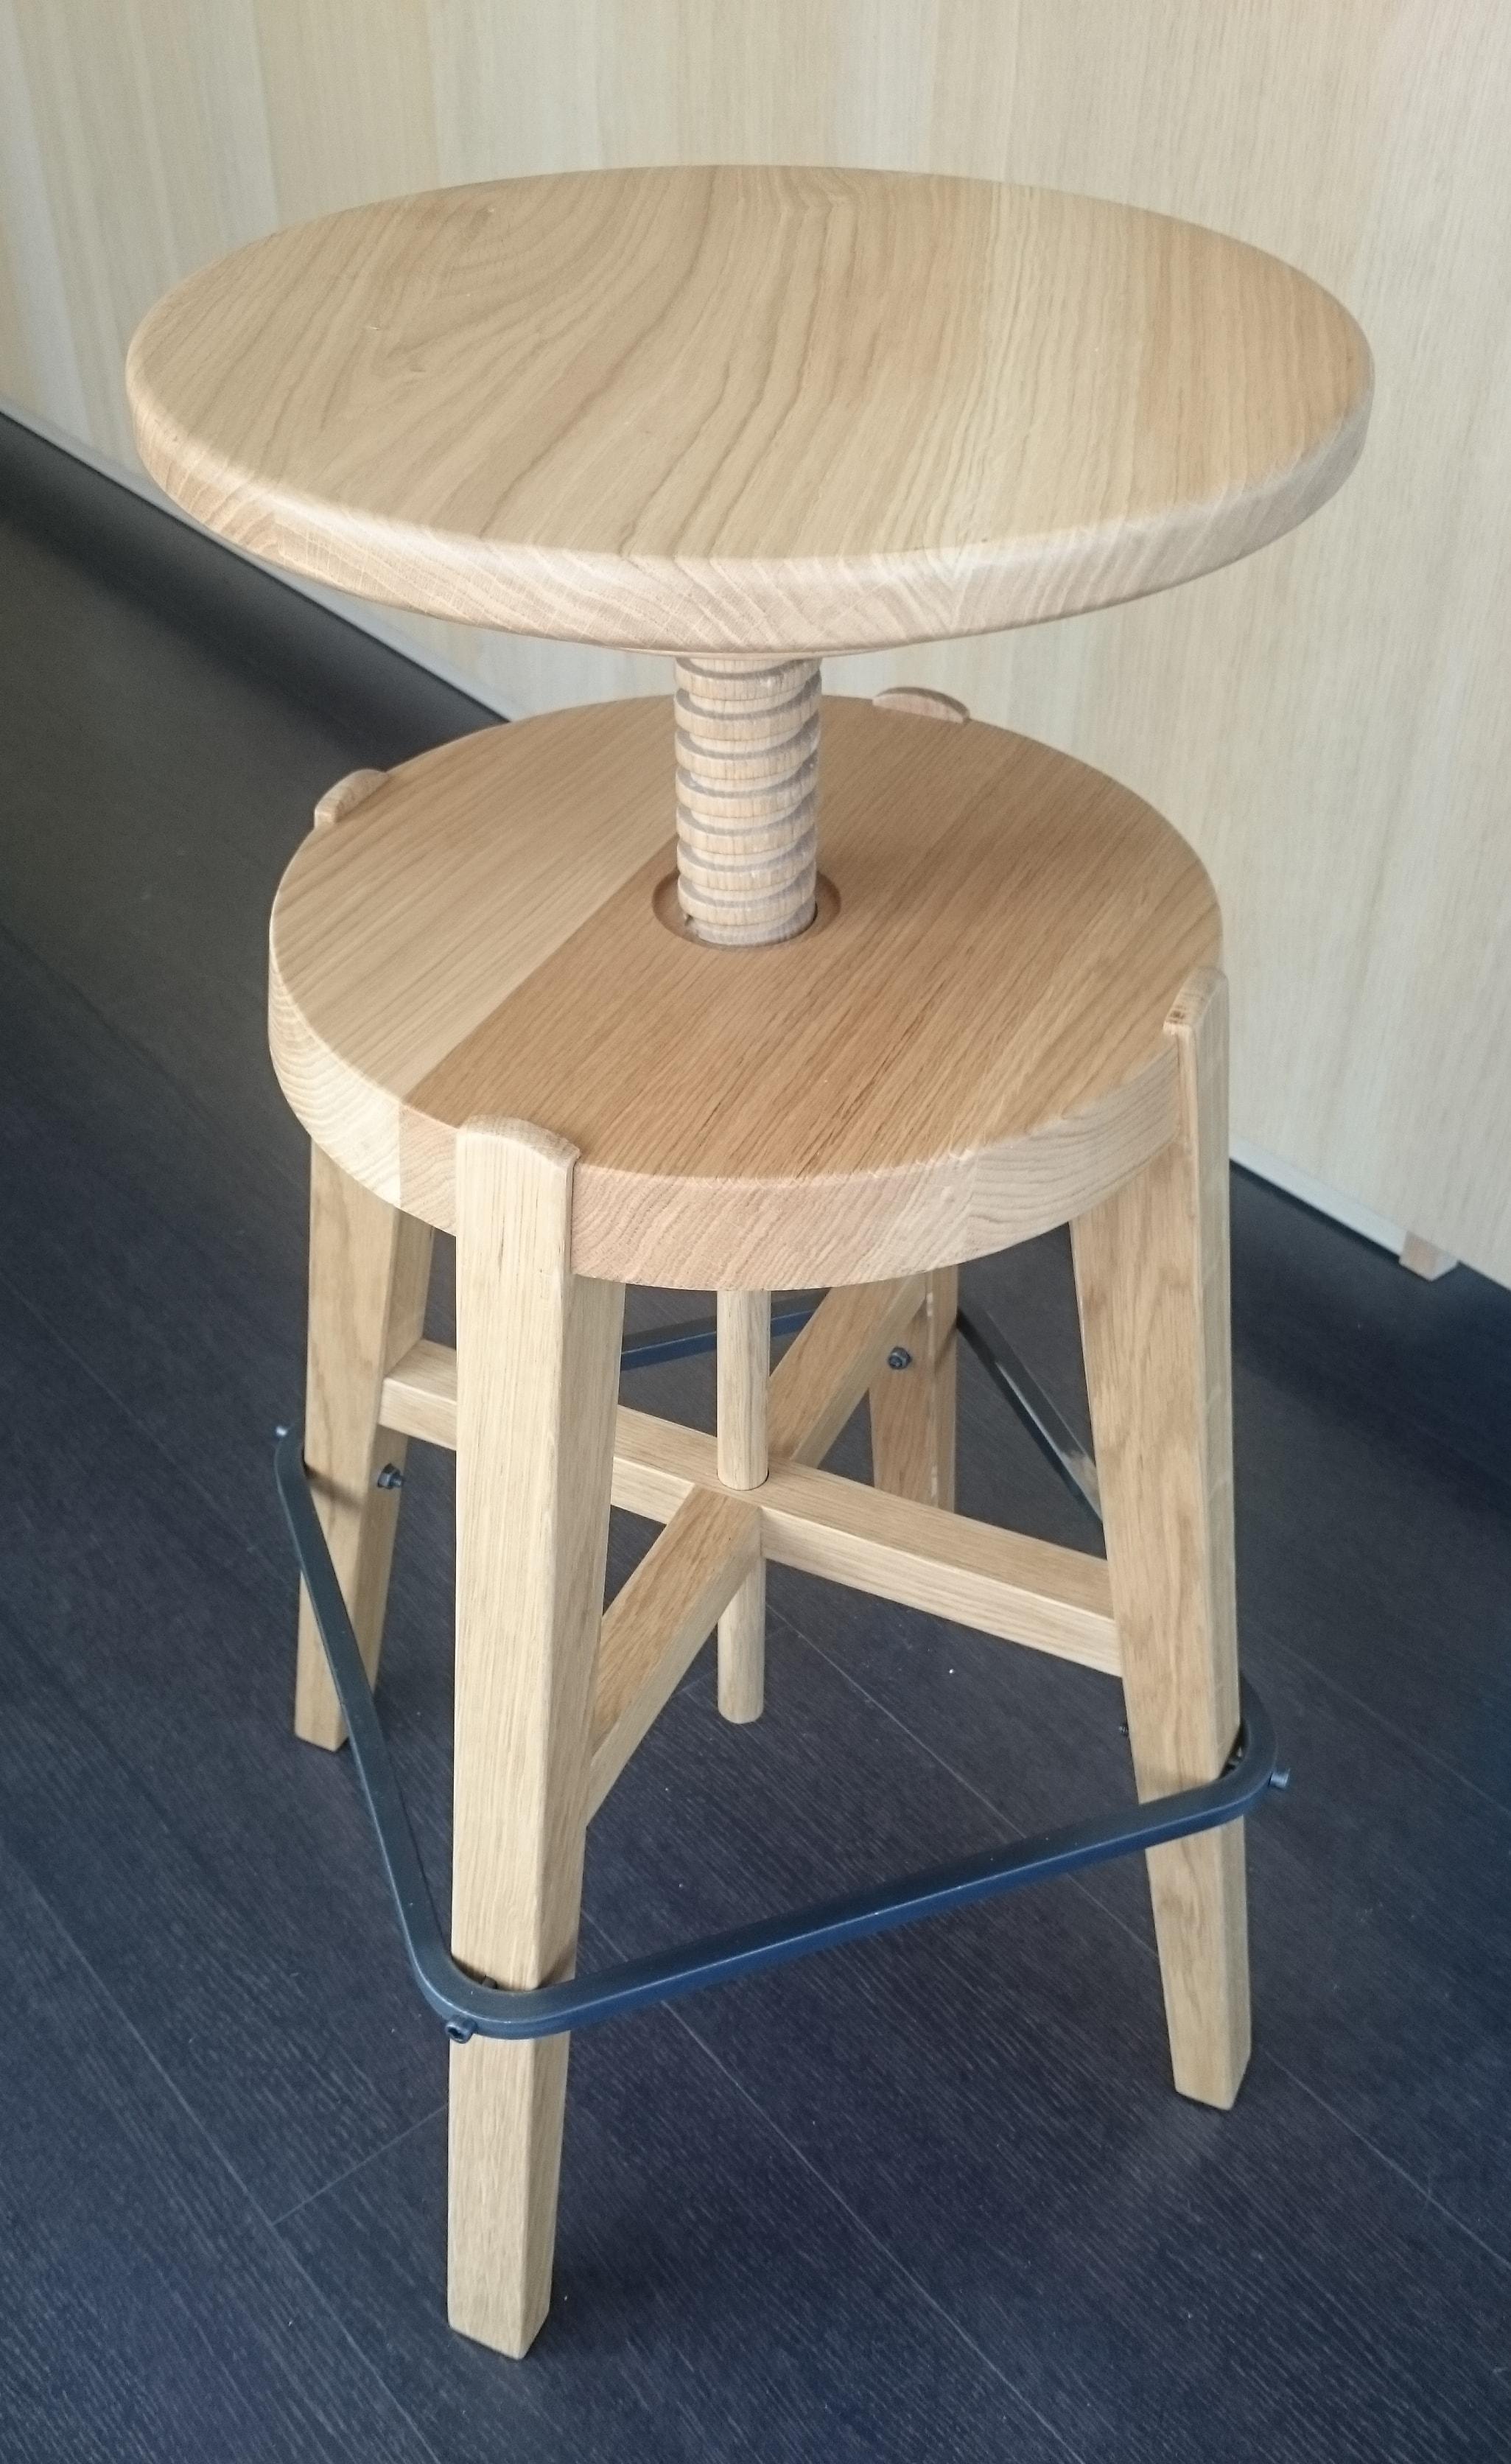 Sgabello mov in legno rovere sedie a prezzi scontati - Sgabello legno bagno ...